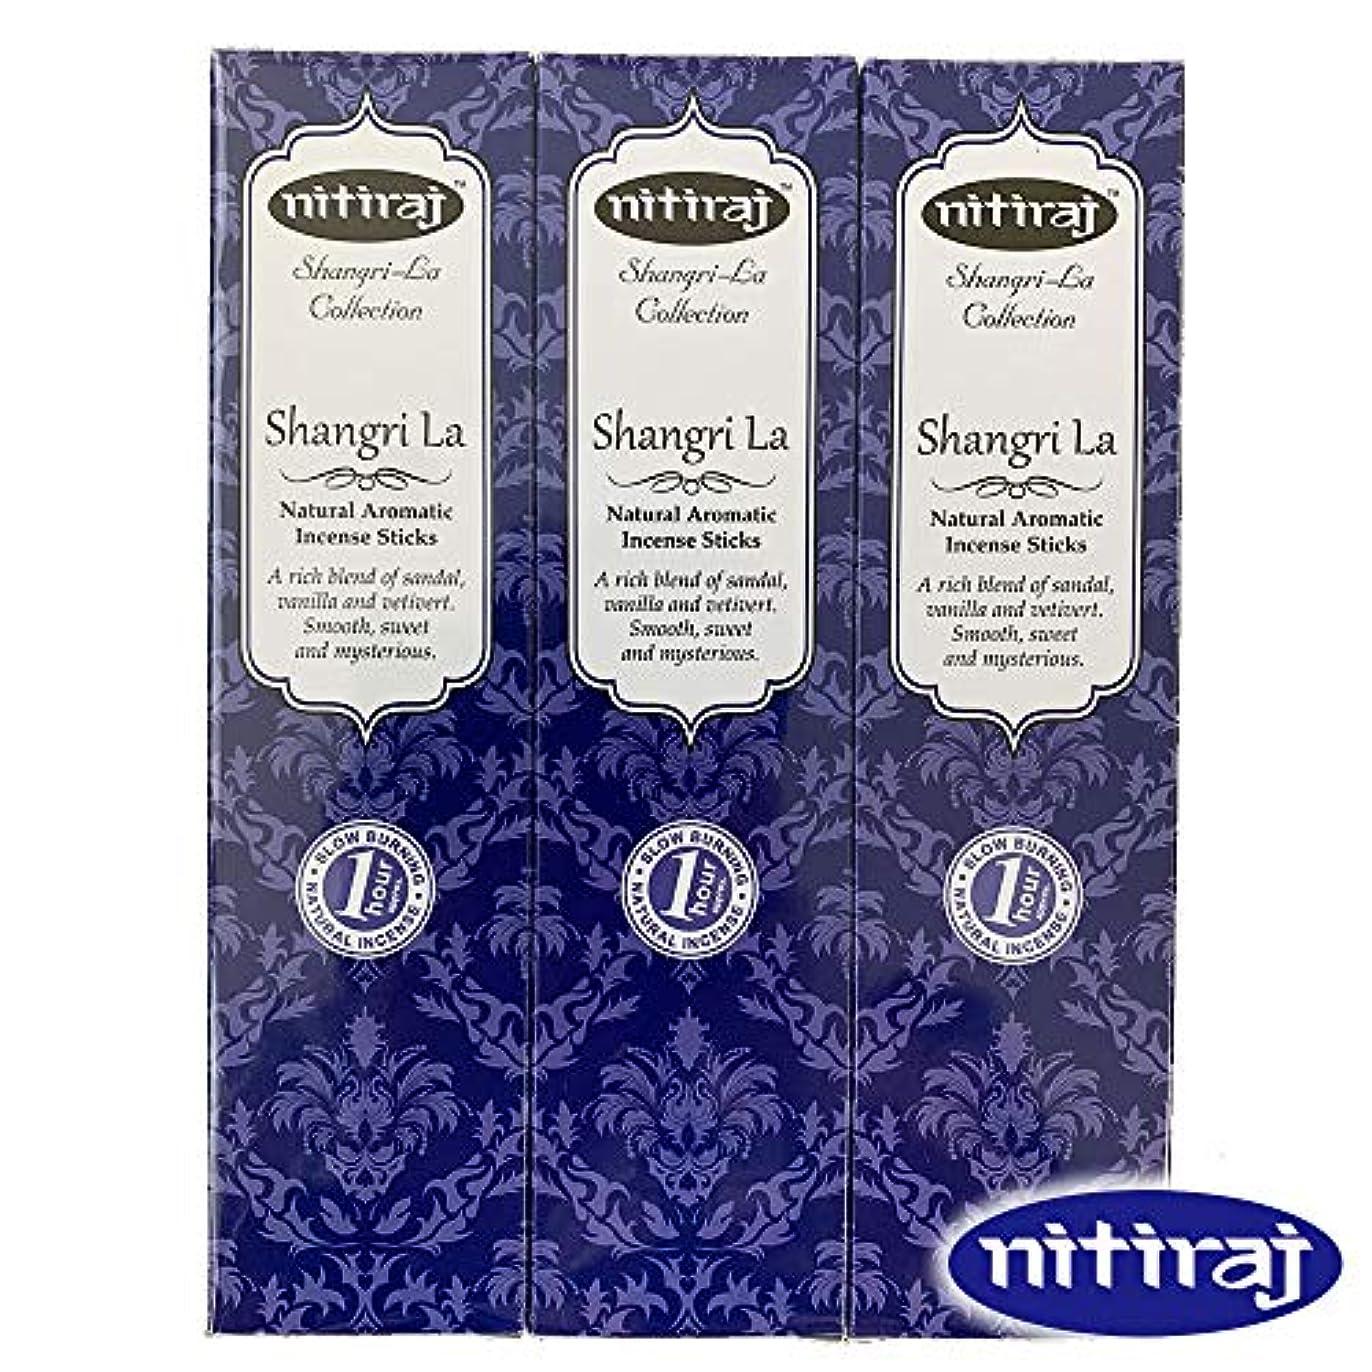 人に関する限り増加する粘液お香 アロマインセンス Nitiraj(ニティラジ)一番人気の香り シャングリ?ラ 3箱セット(30本/1箱10本入り)100%天然素材